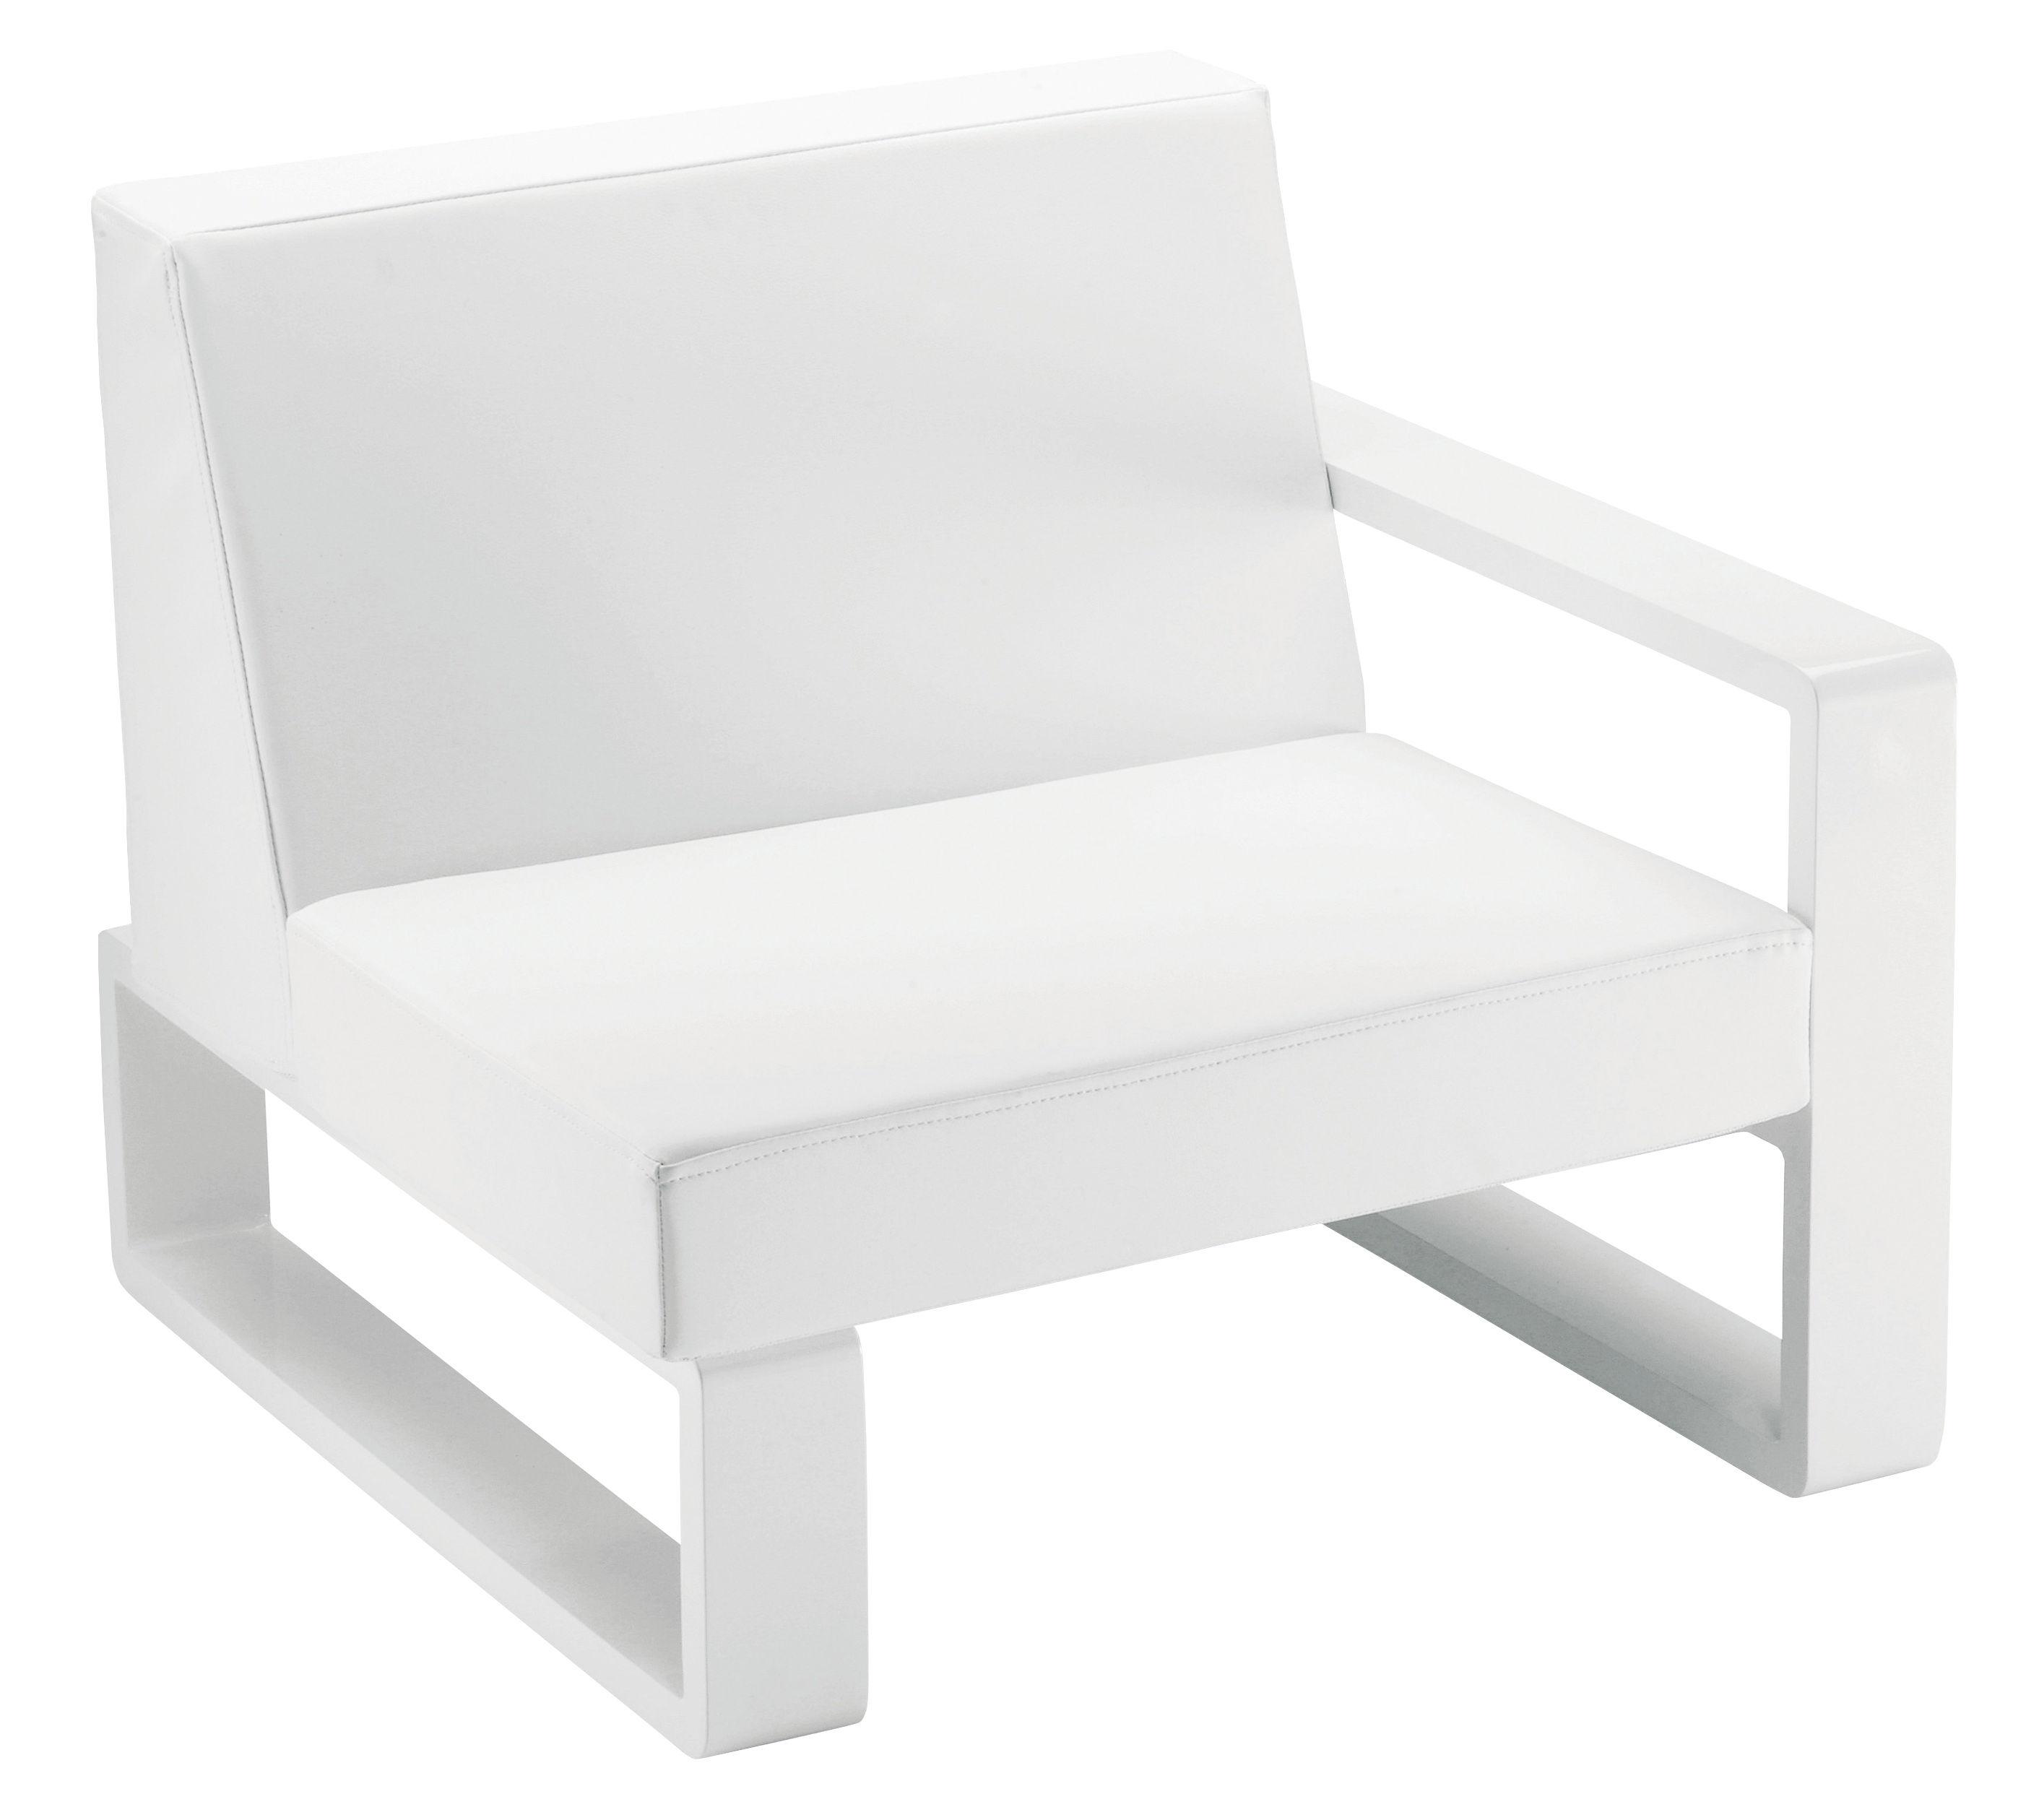 Outdoor - Poltrone e Divani - Poltrona imbottita Kama di EGO Paris - Vinile bianco / Struttura argento - Alluminio laccato, Vinile